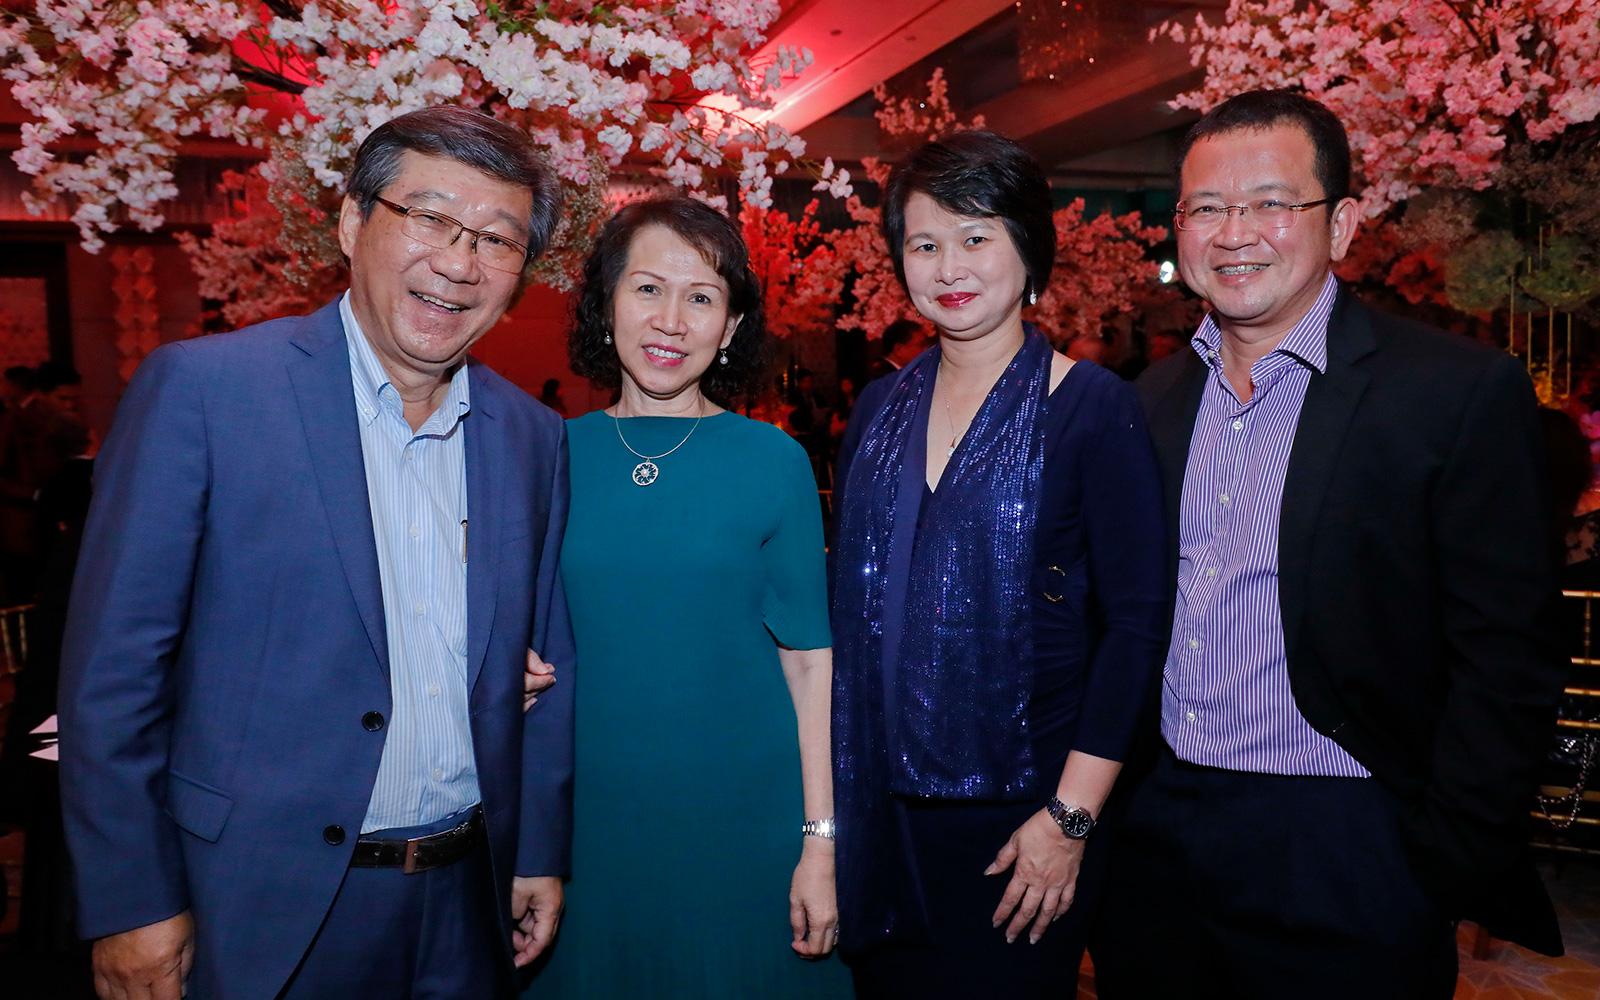 Lee Twen Goh, Cheong Fai Fah, Choo Wai Yeen and Wong Hing Ngiap